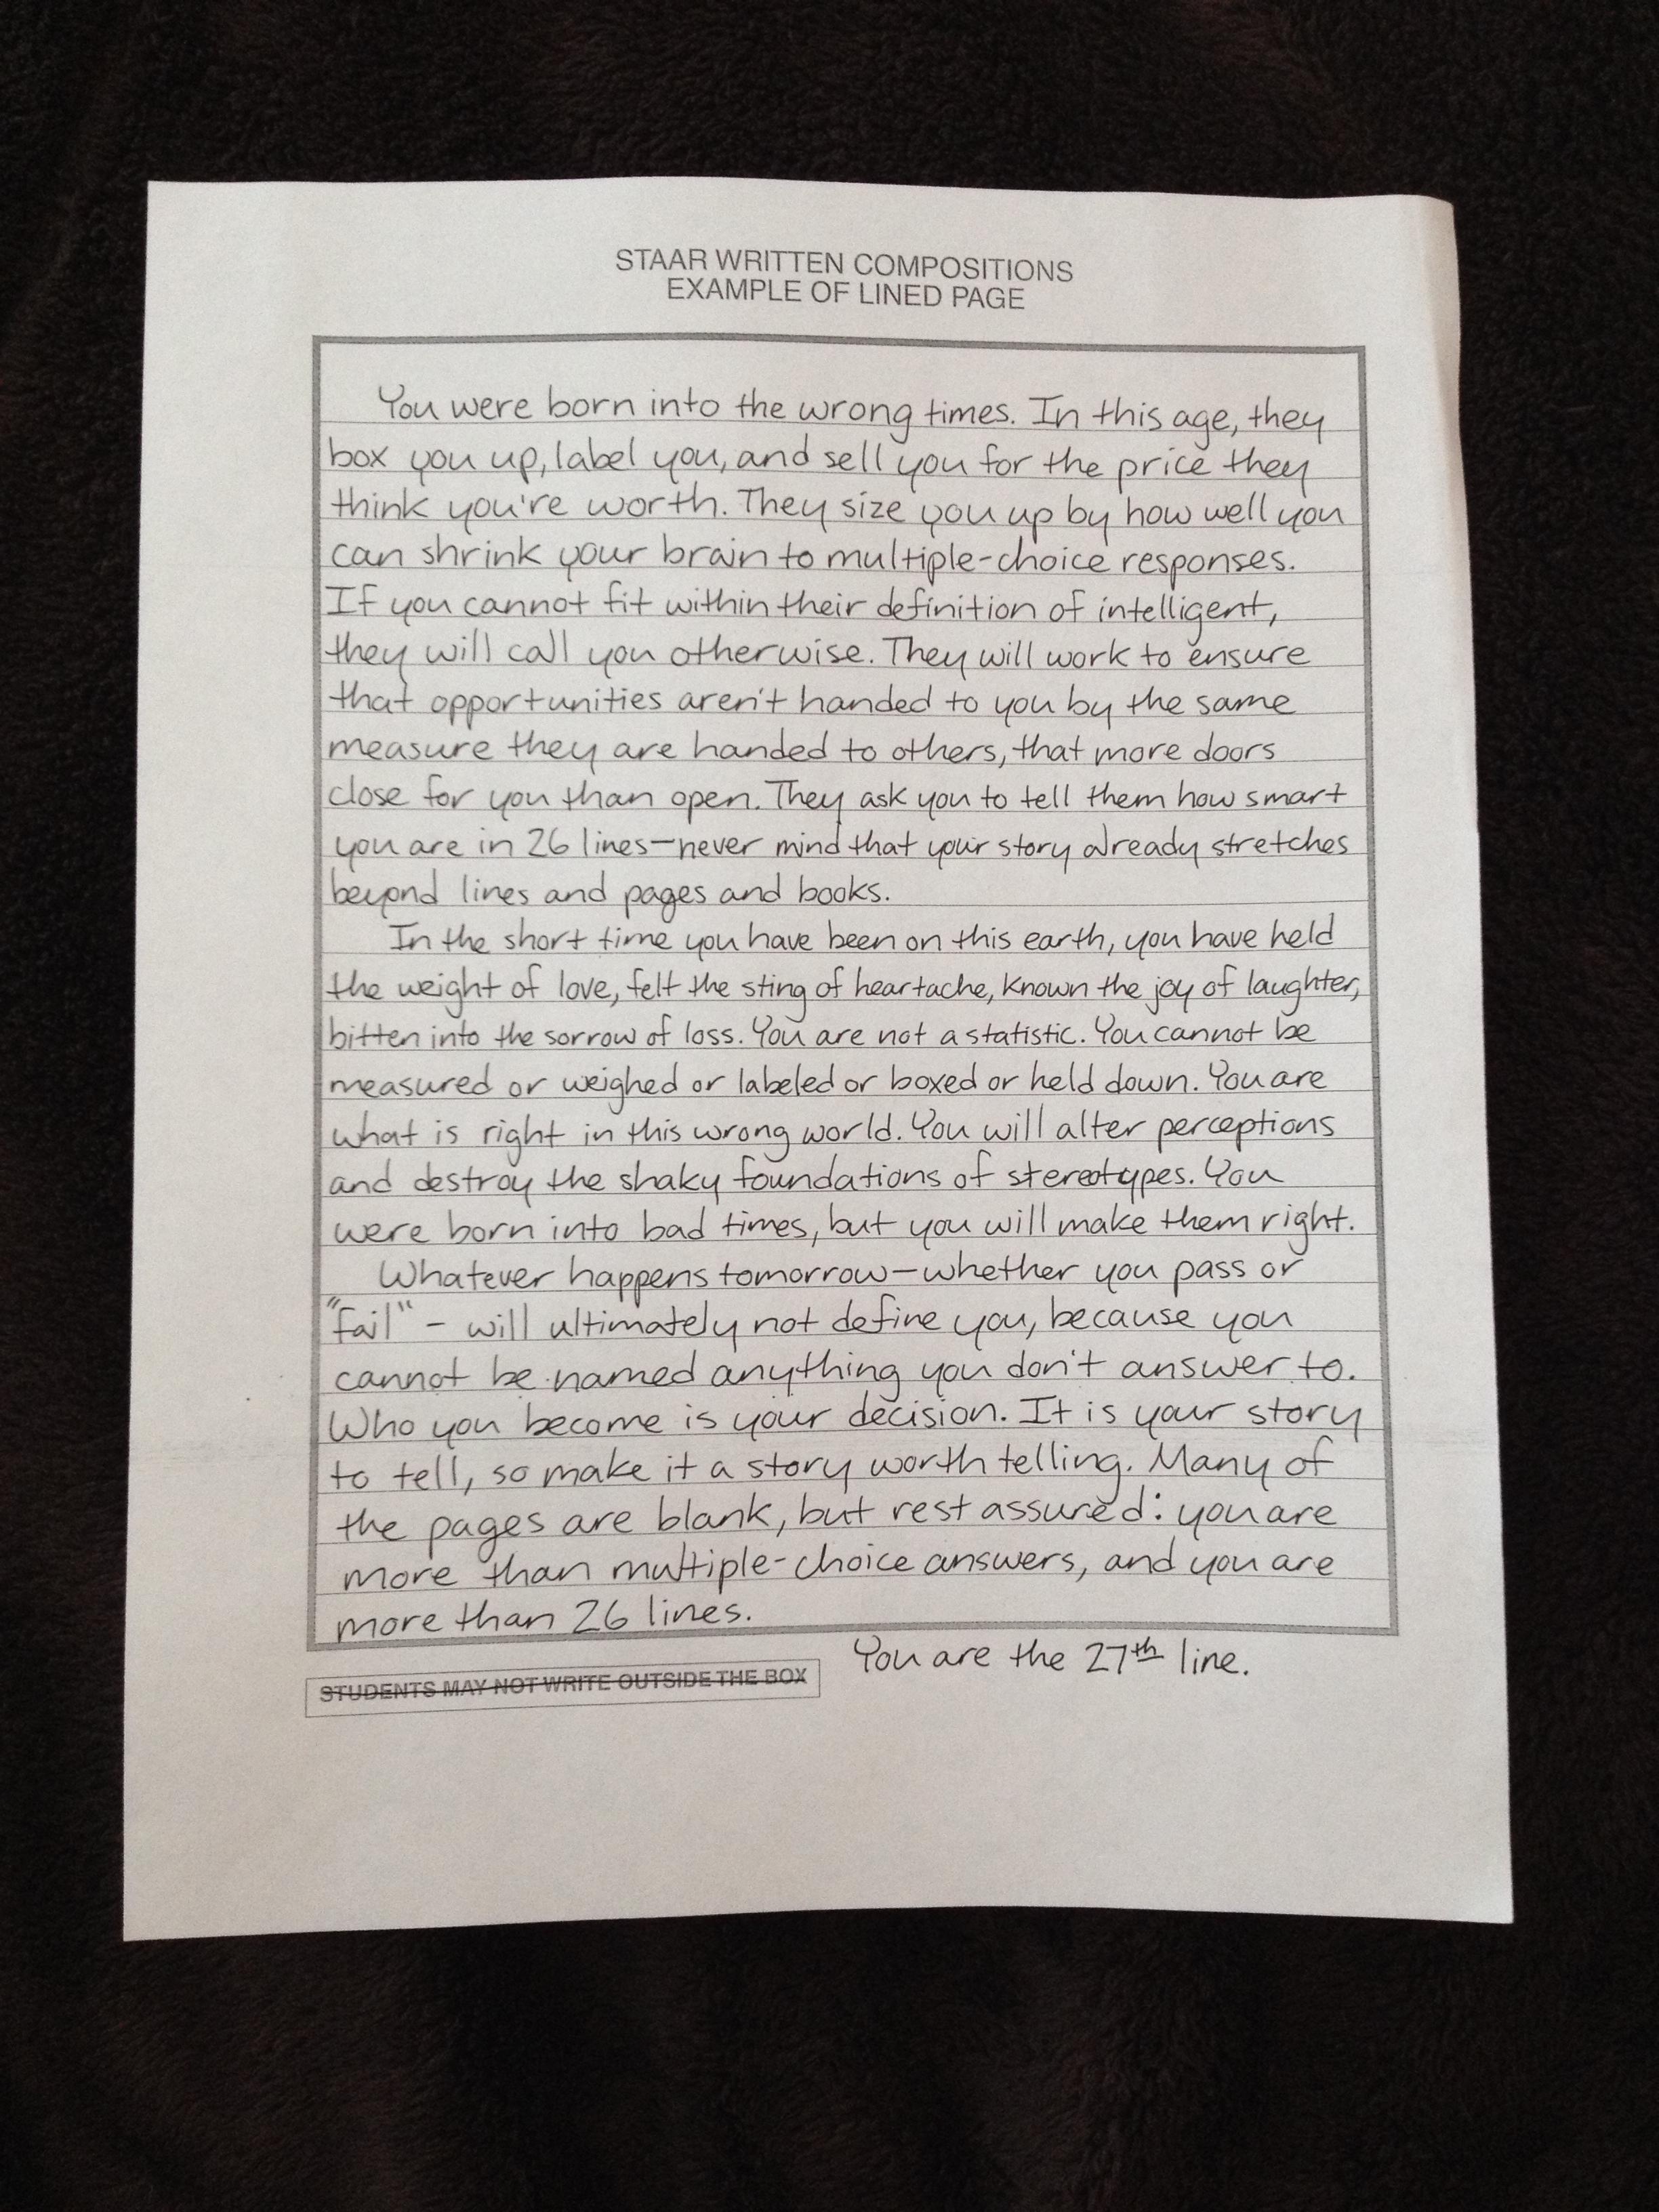 Financial advisor associate cover letter photo 5